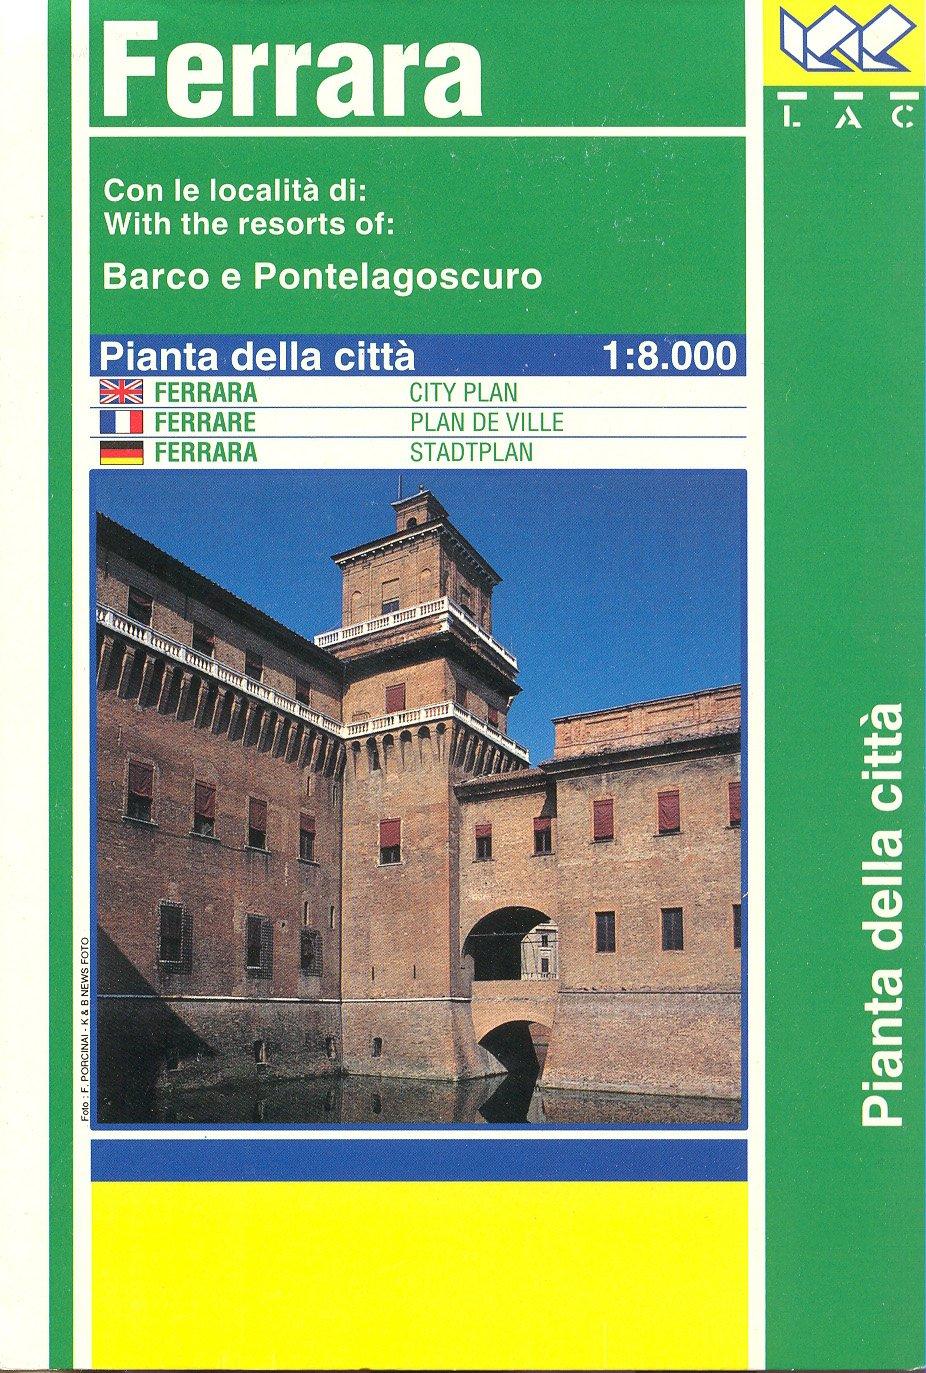 Ferrara. Pianta della città 1:8.000: With Barco and Pontelagoscuro